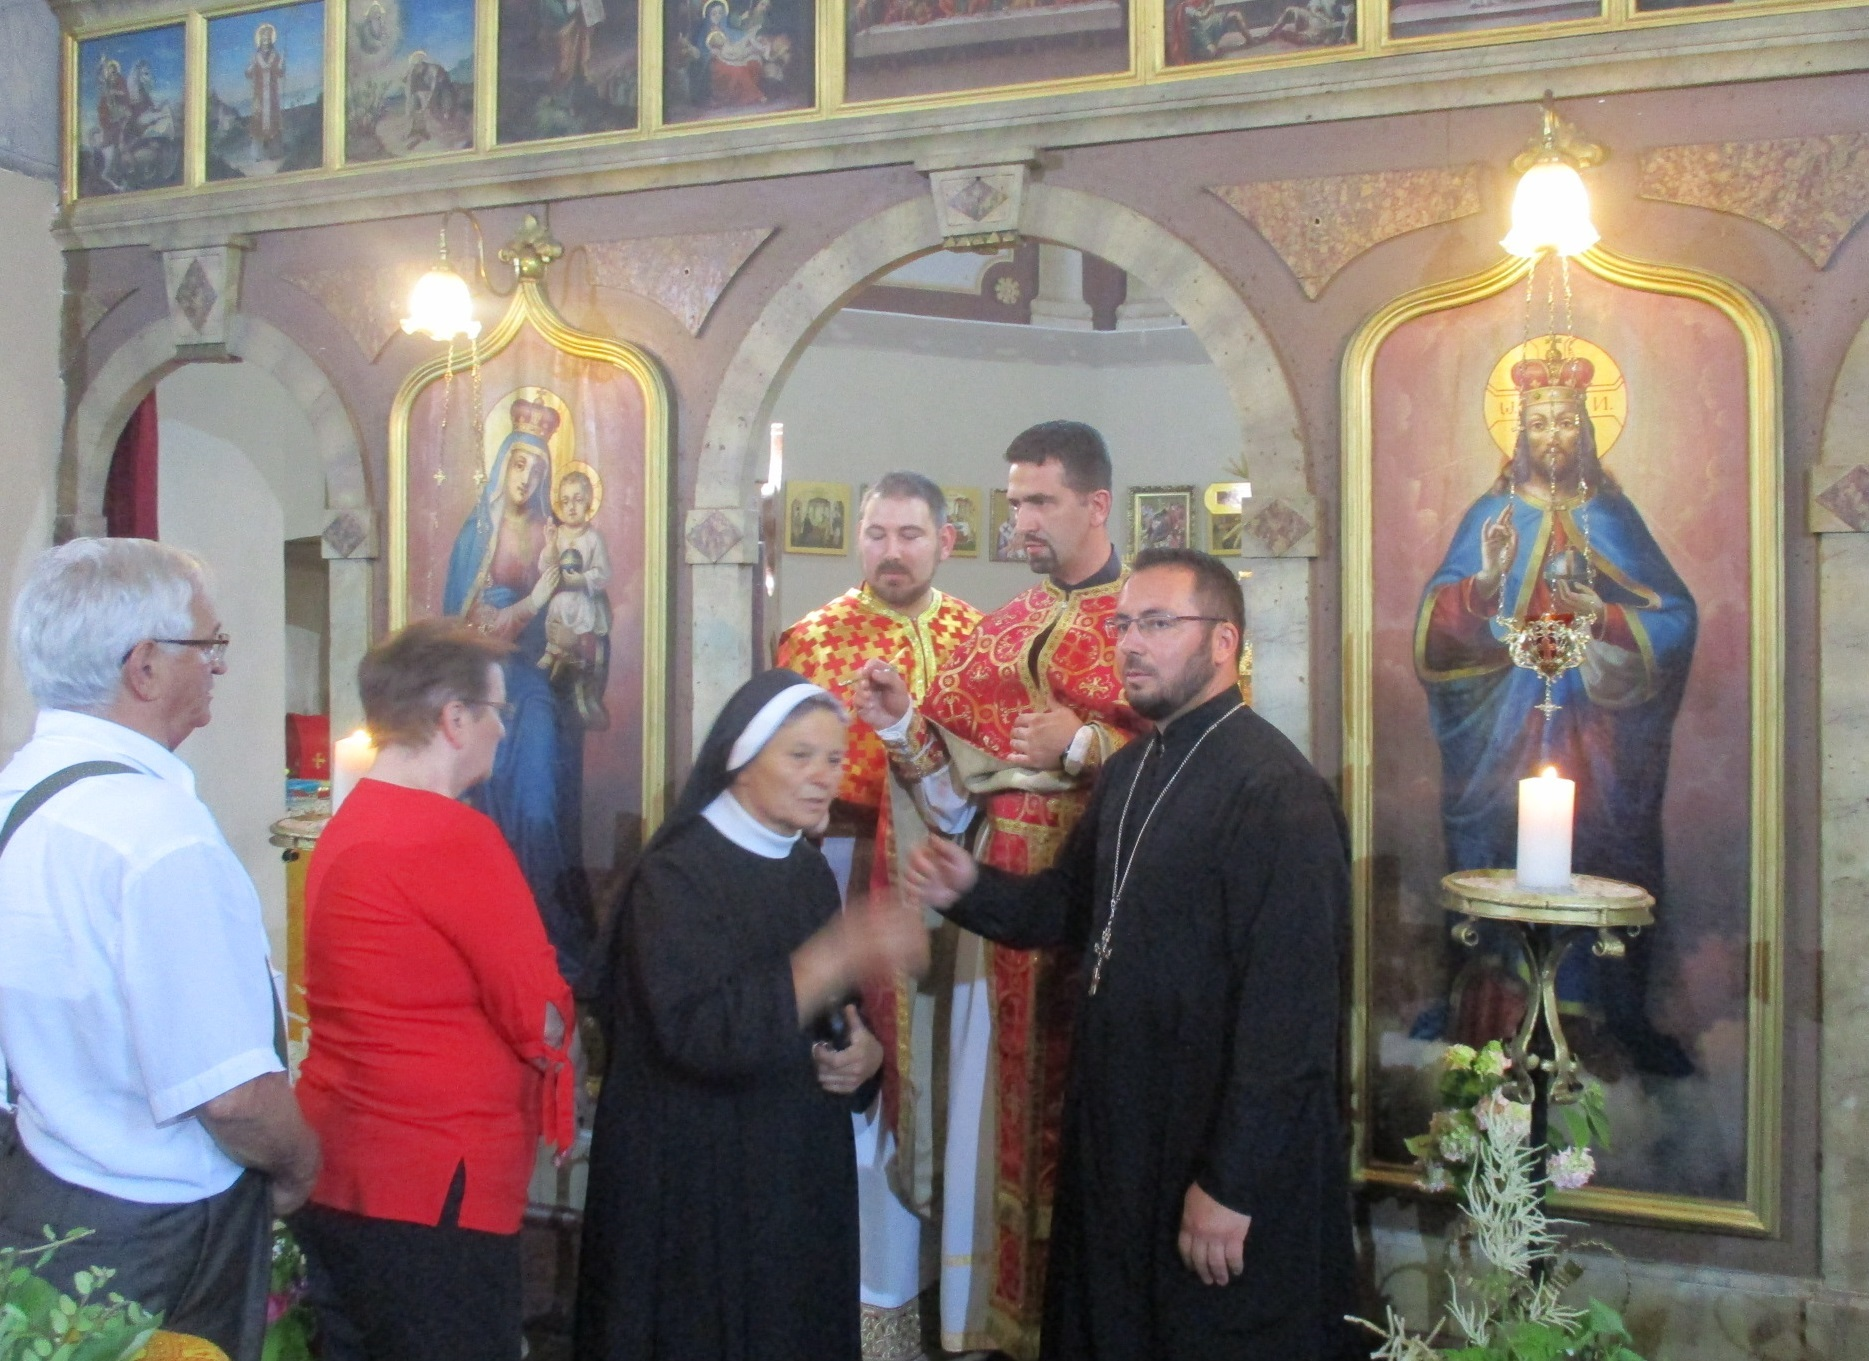 Sošičani svečanom liturgijom proslavili nebeske zaštitnike župe sv. Petra i Pavla